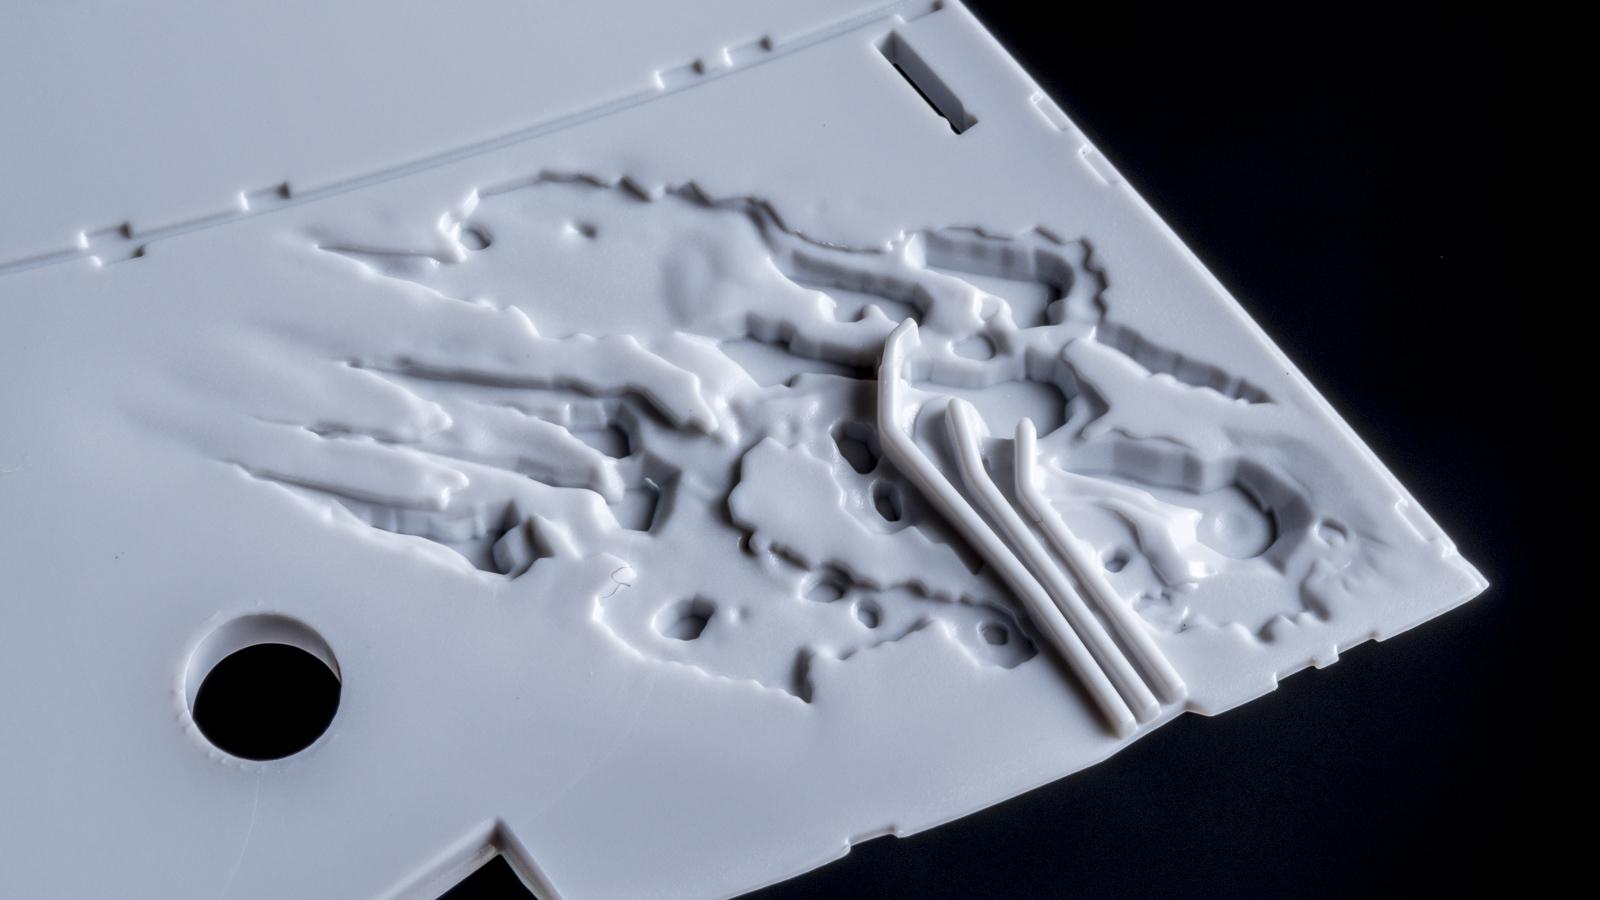 """「模型で作った模型の模型」、バンダイのミレニアムファルコンが持つ\""""パーフェクト\""""の意味【前編】_b0029315_23592034.jpg"""